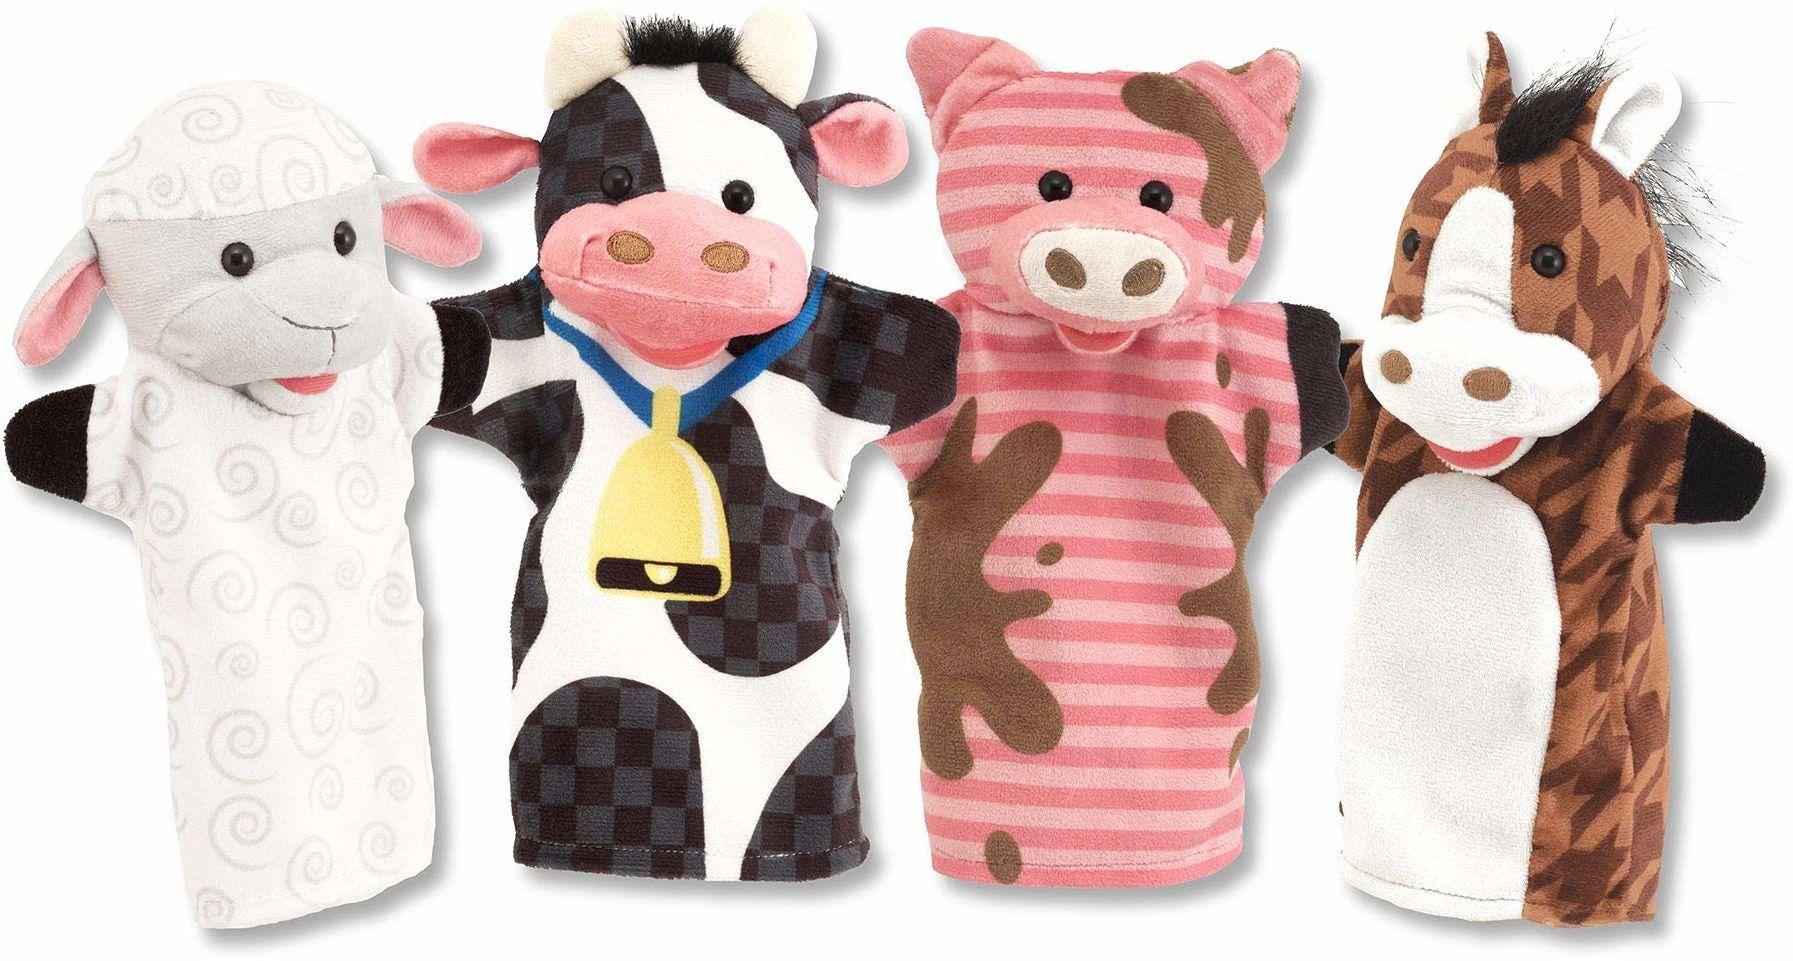 Melissa & Doug Gospodarstwo rolne Puppets Lalki i teatry Miękka zabawka 2+ Prezent dla chłopca lub dziewczyny